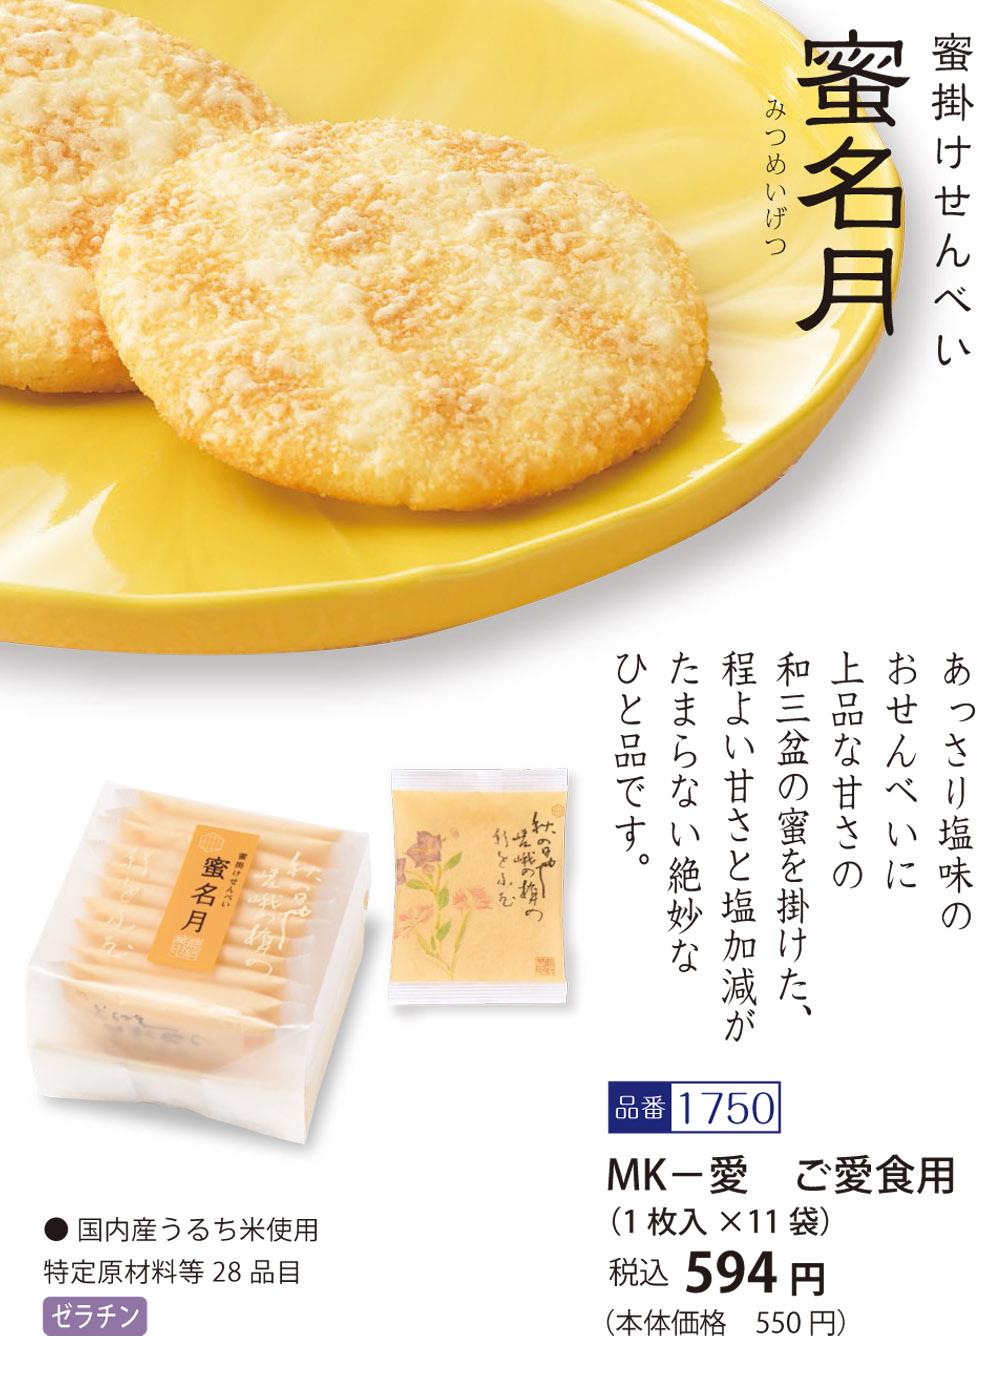 【ご愛食用袋】蜜掛けせんべい 蜜名月 (1枚入×11袋)